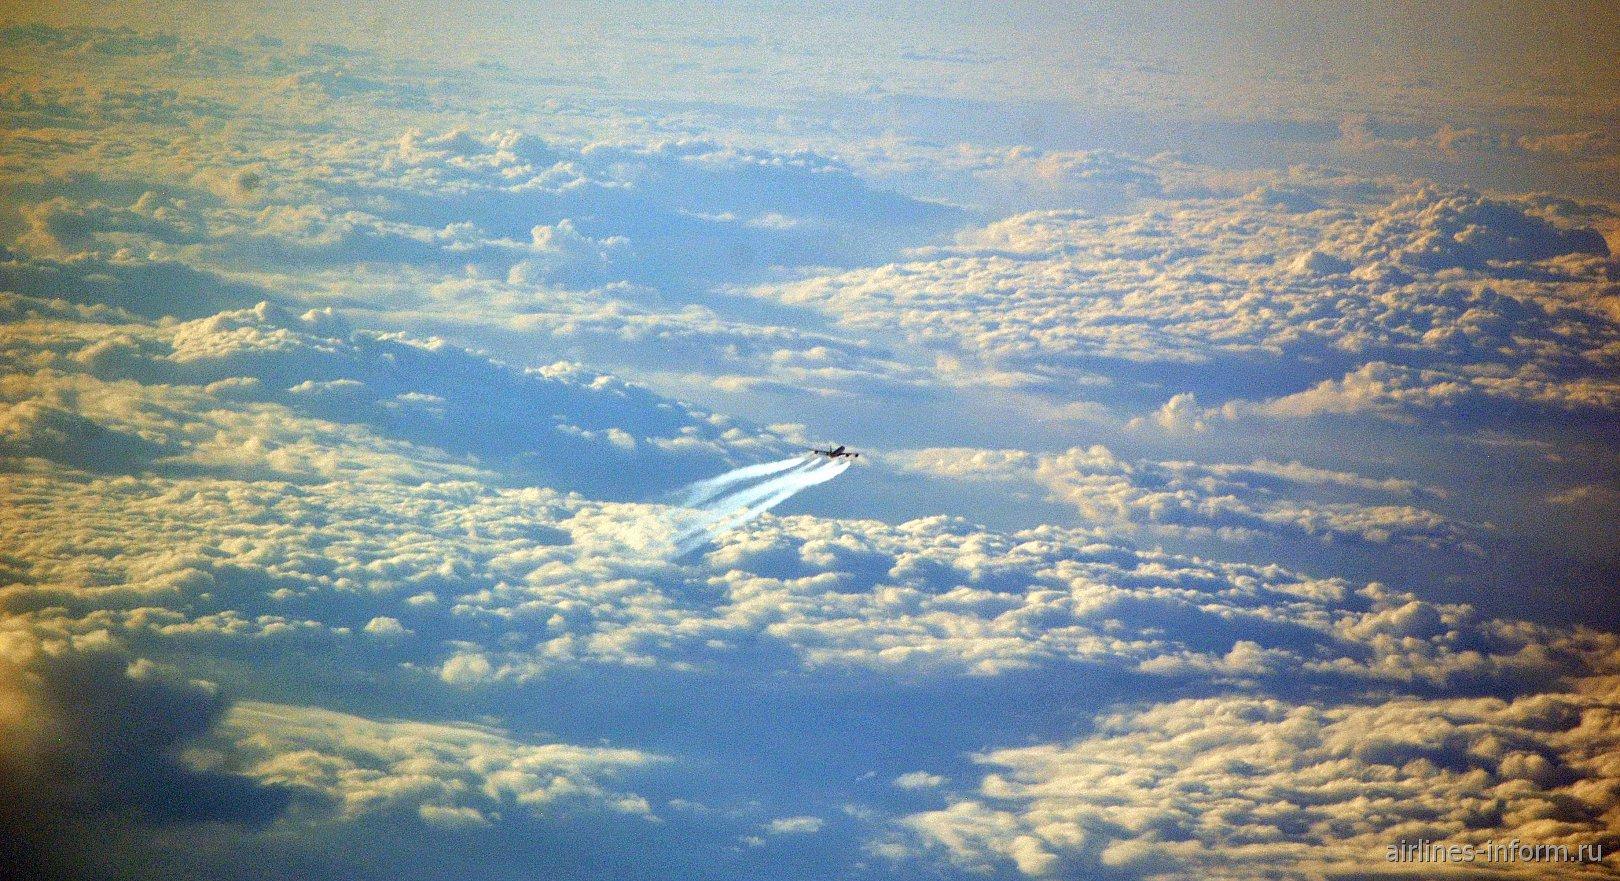 Самолет летит над облаками над Францией